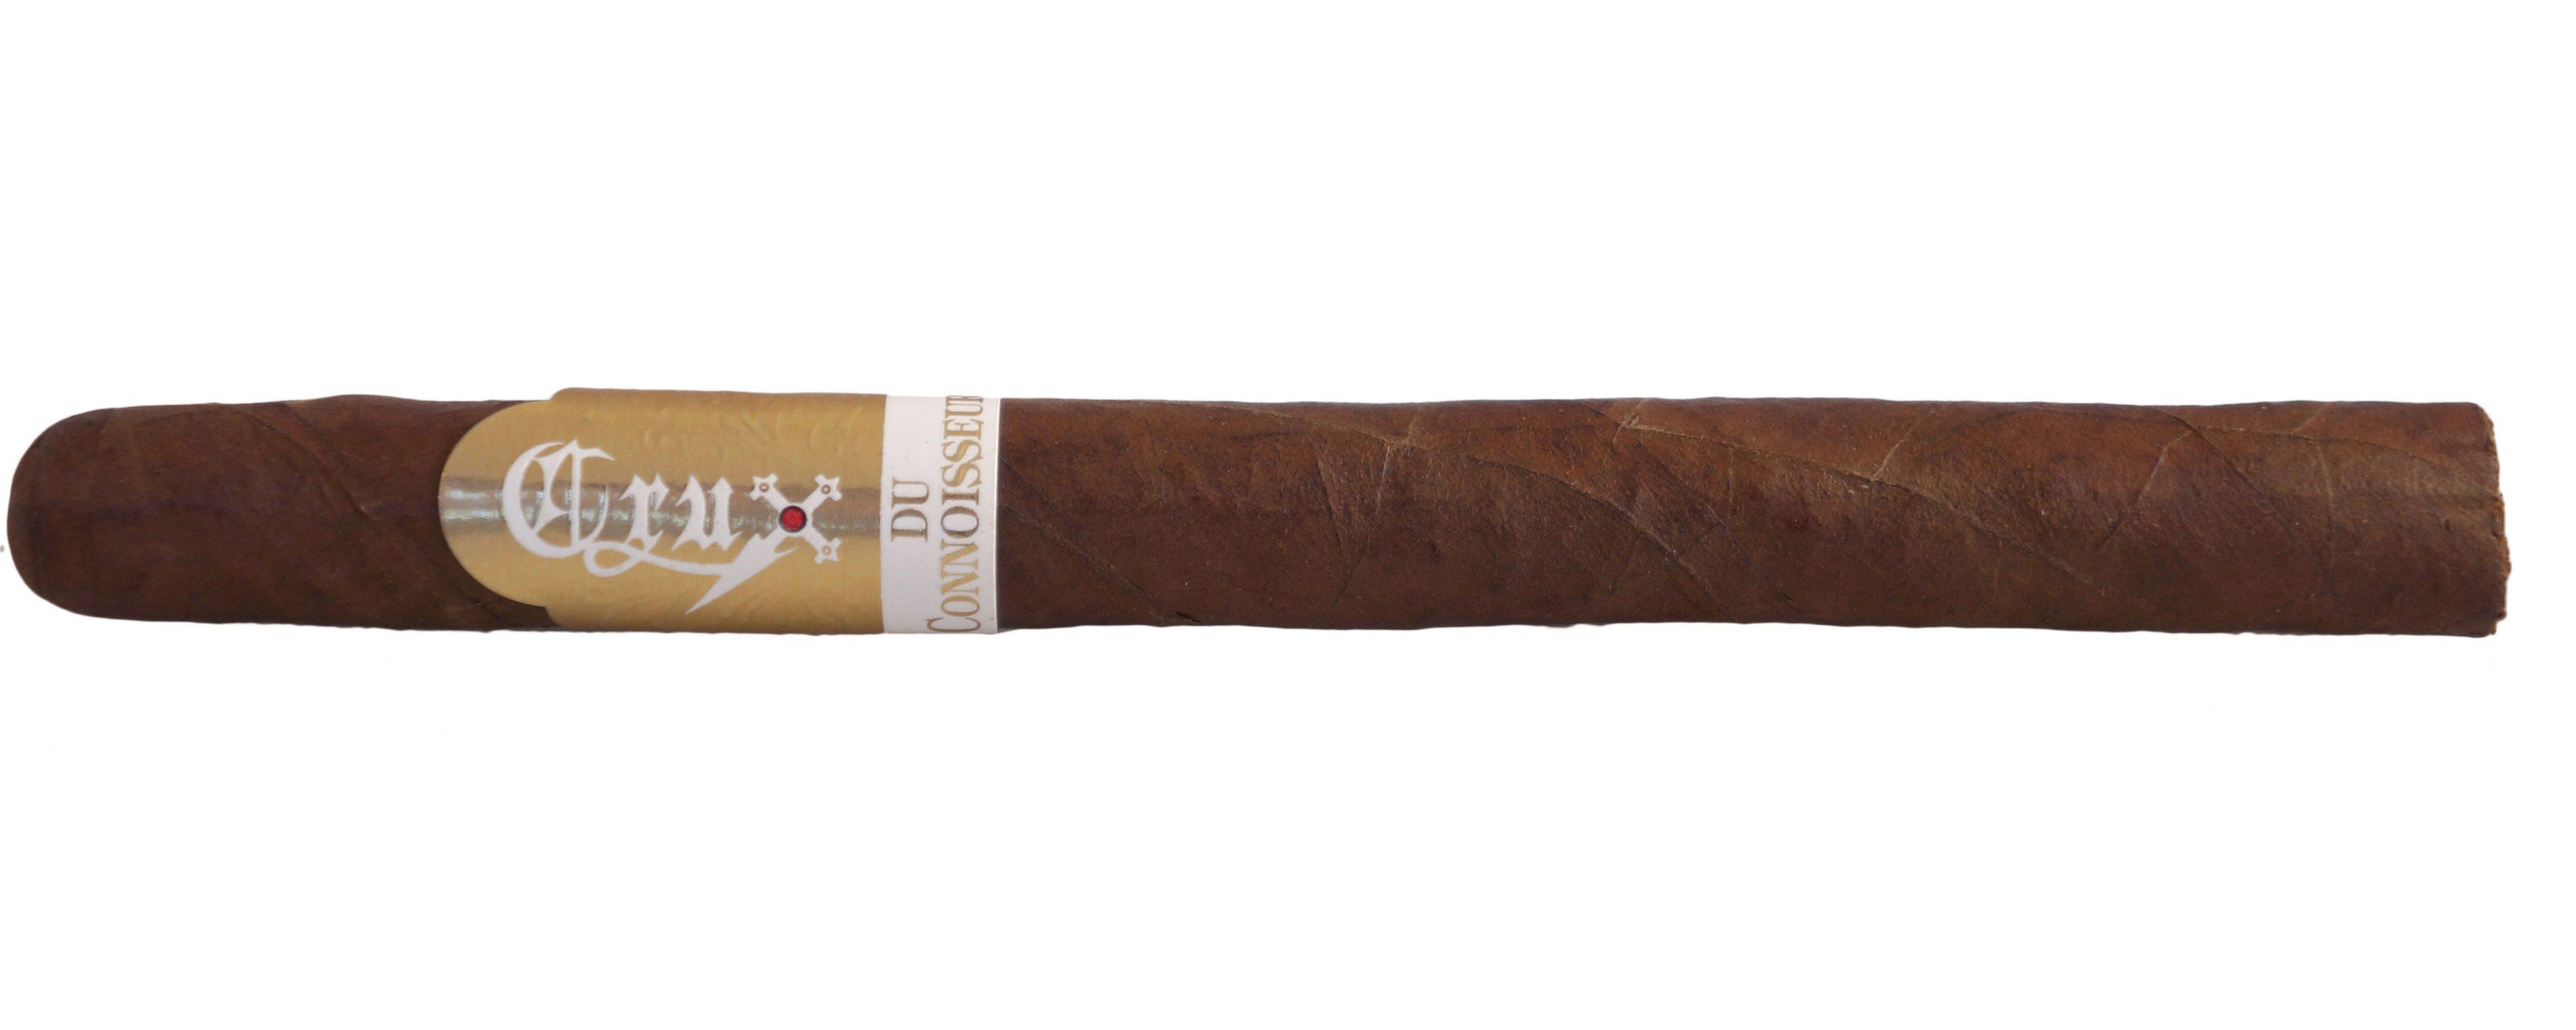 Blind Cigar Review: Crux | du Connoisseur No. 2